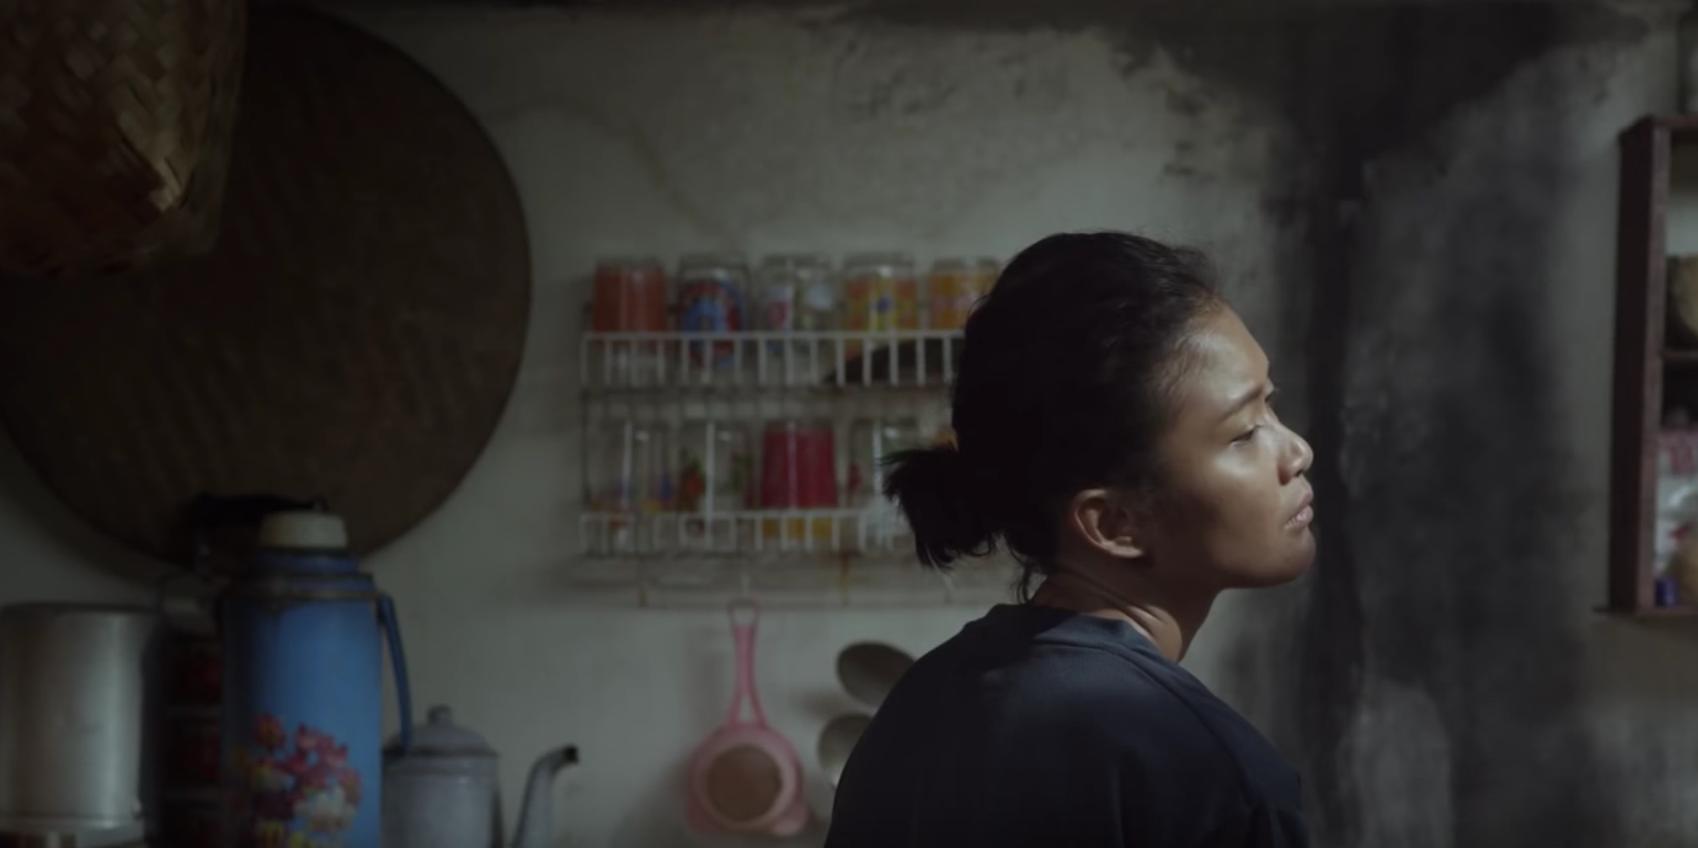 Aktris Marissa Anita berperan sebagai Sipon, istri aktivis Wiji Thukul, dalam film 'Istirahatlah Kata-Kata'. Screenshot dari trailer di YouTube